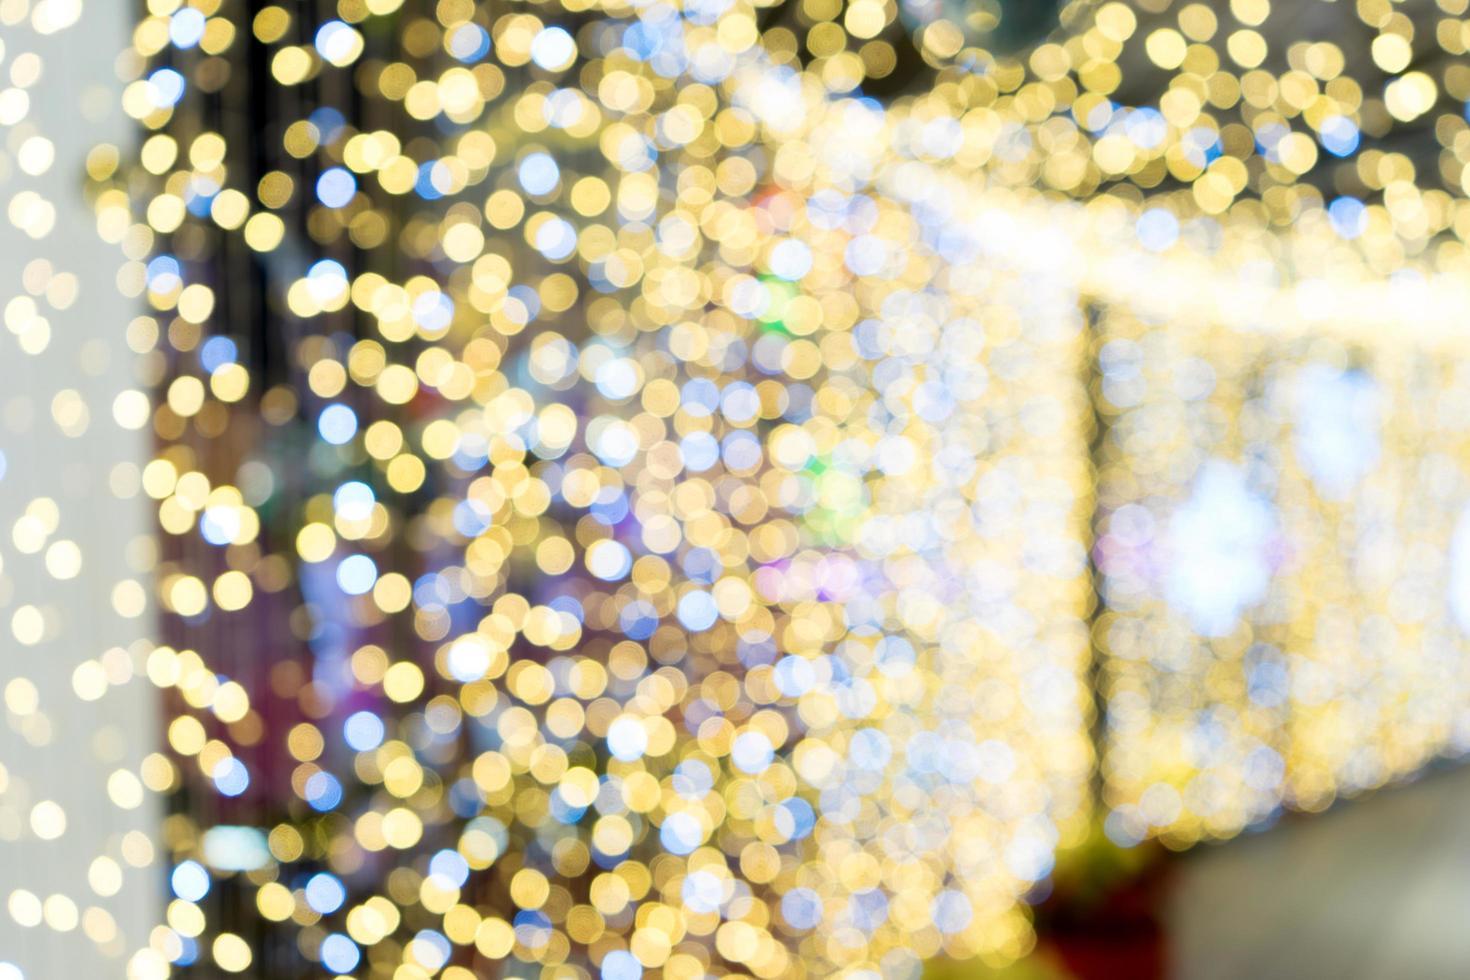 lumières de Noël bokeh la nuit photo